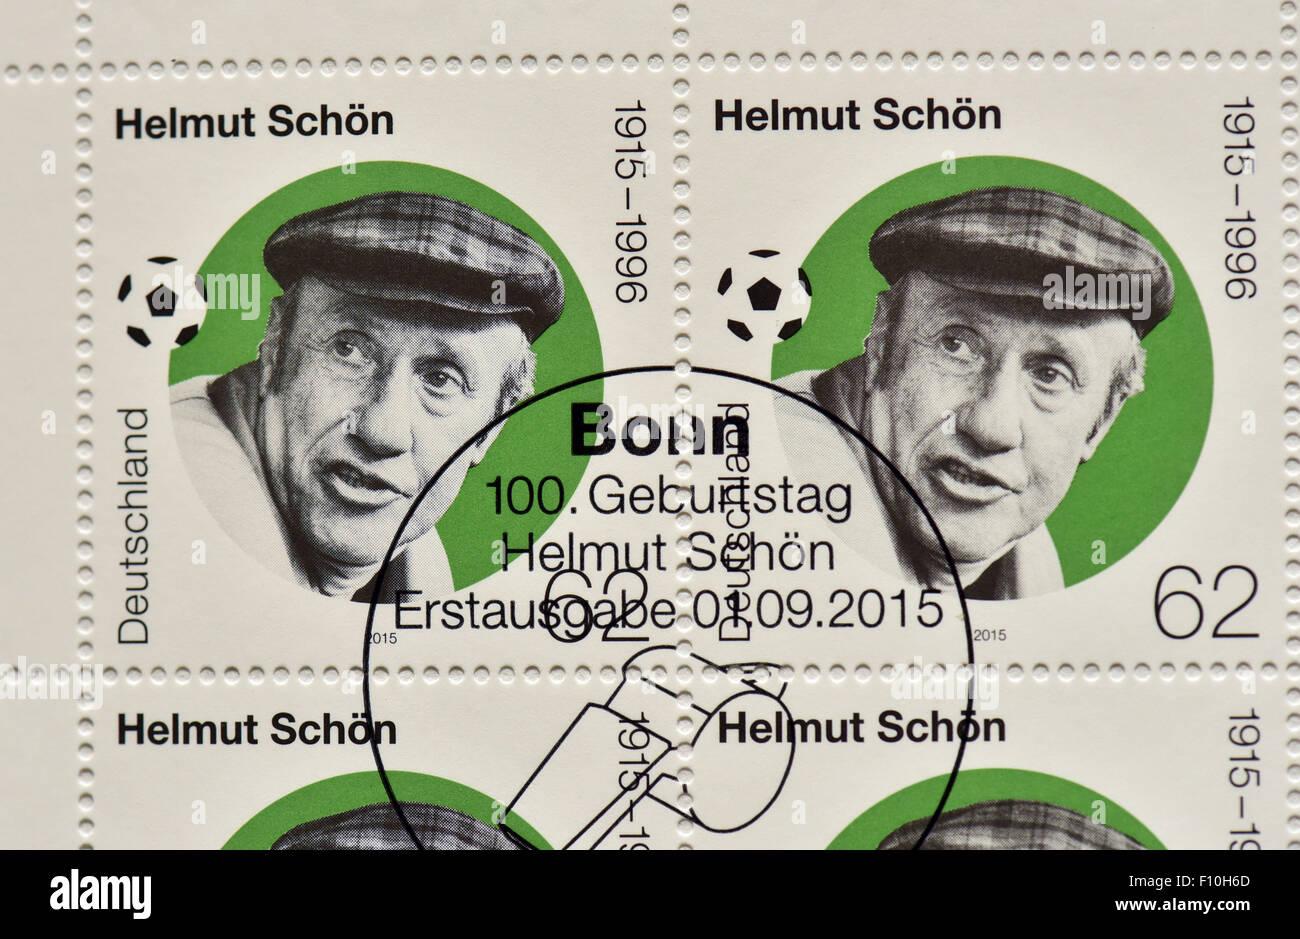 Die Neue Sondermarke 100 Jahre Helmut Schoen Wird Durch Das